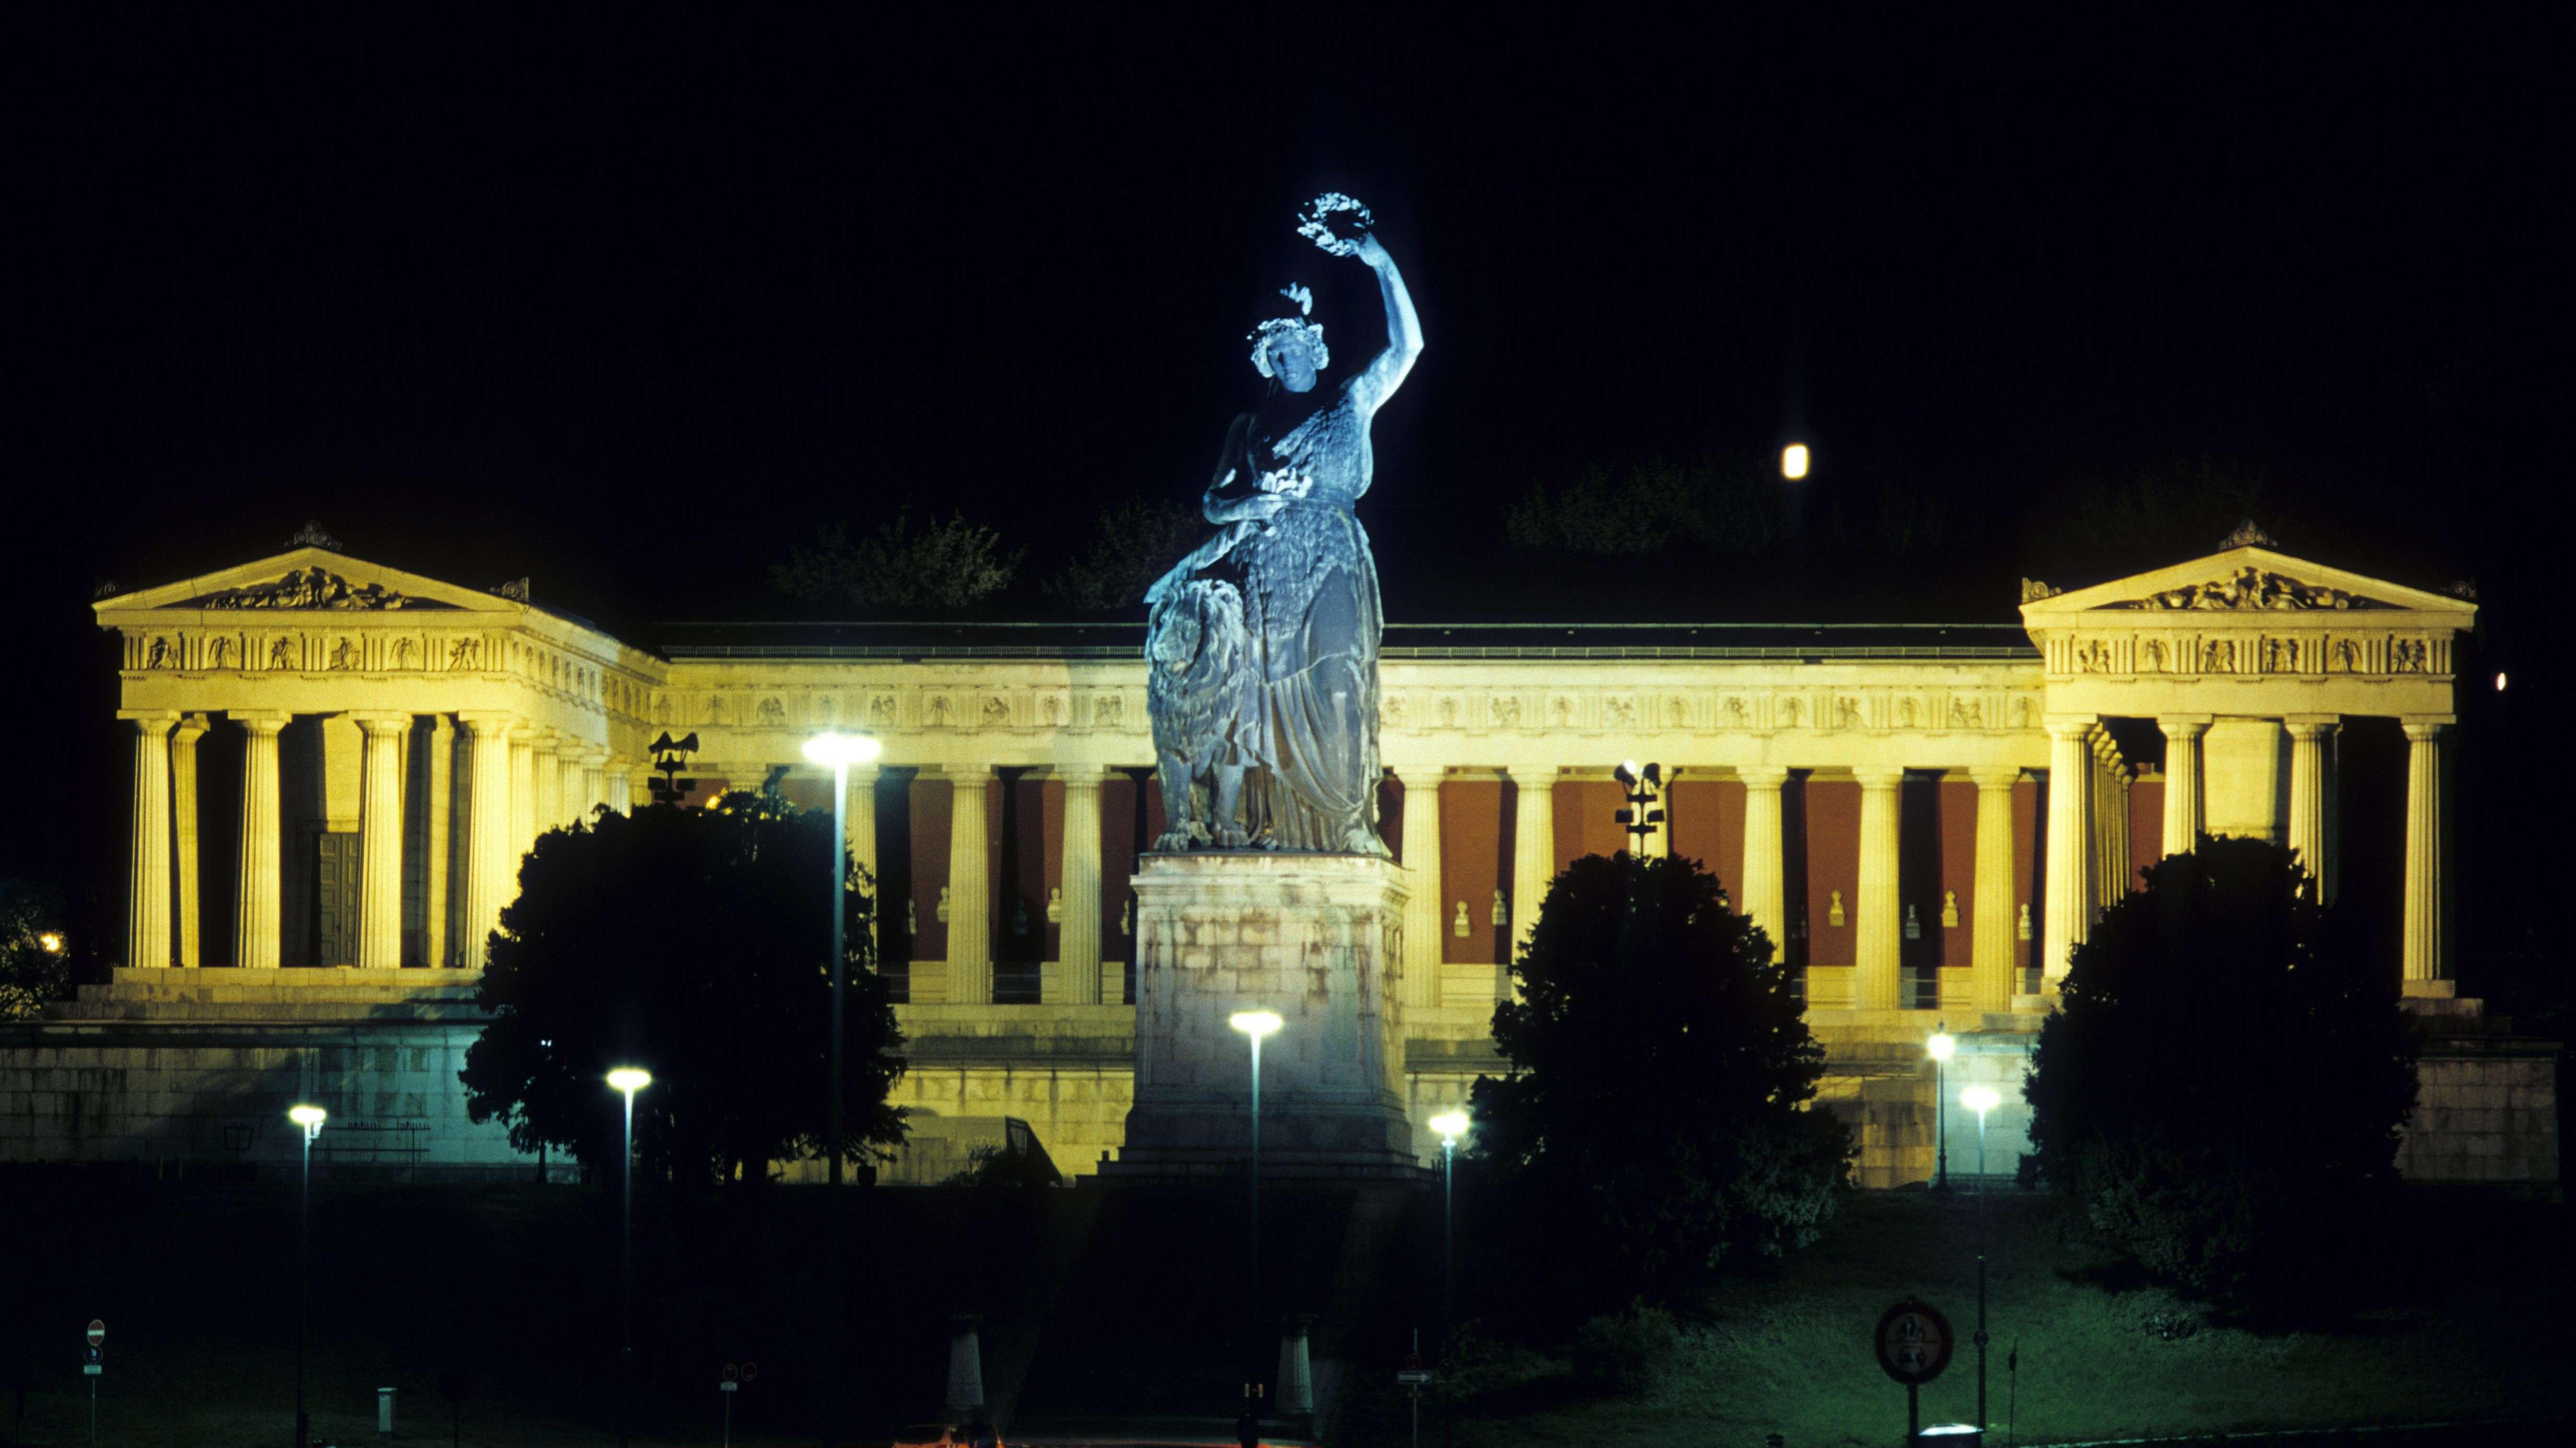 Symbolbild: Bavaria vor Ruhmeshalle - Beleuchtung soll nach Plan der Staatsregierung ab 23 Uhr abgeschaltet werden